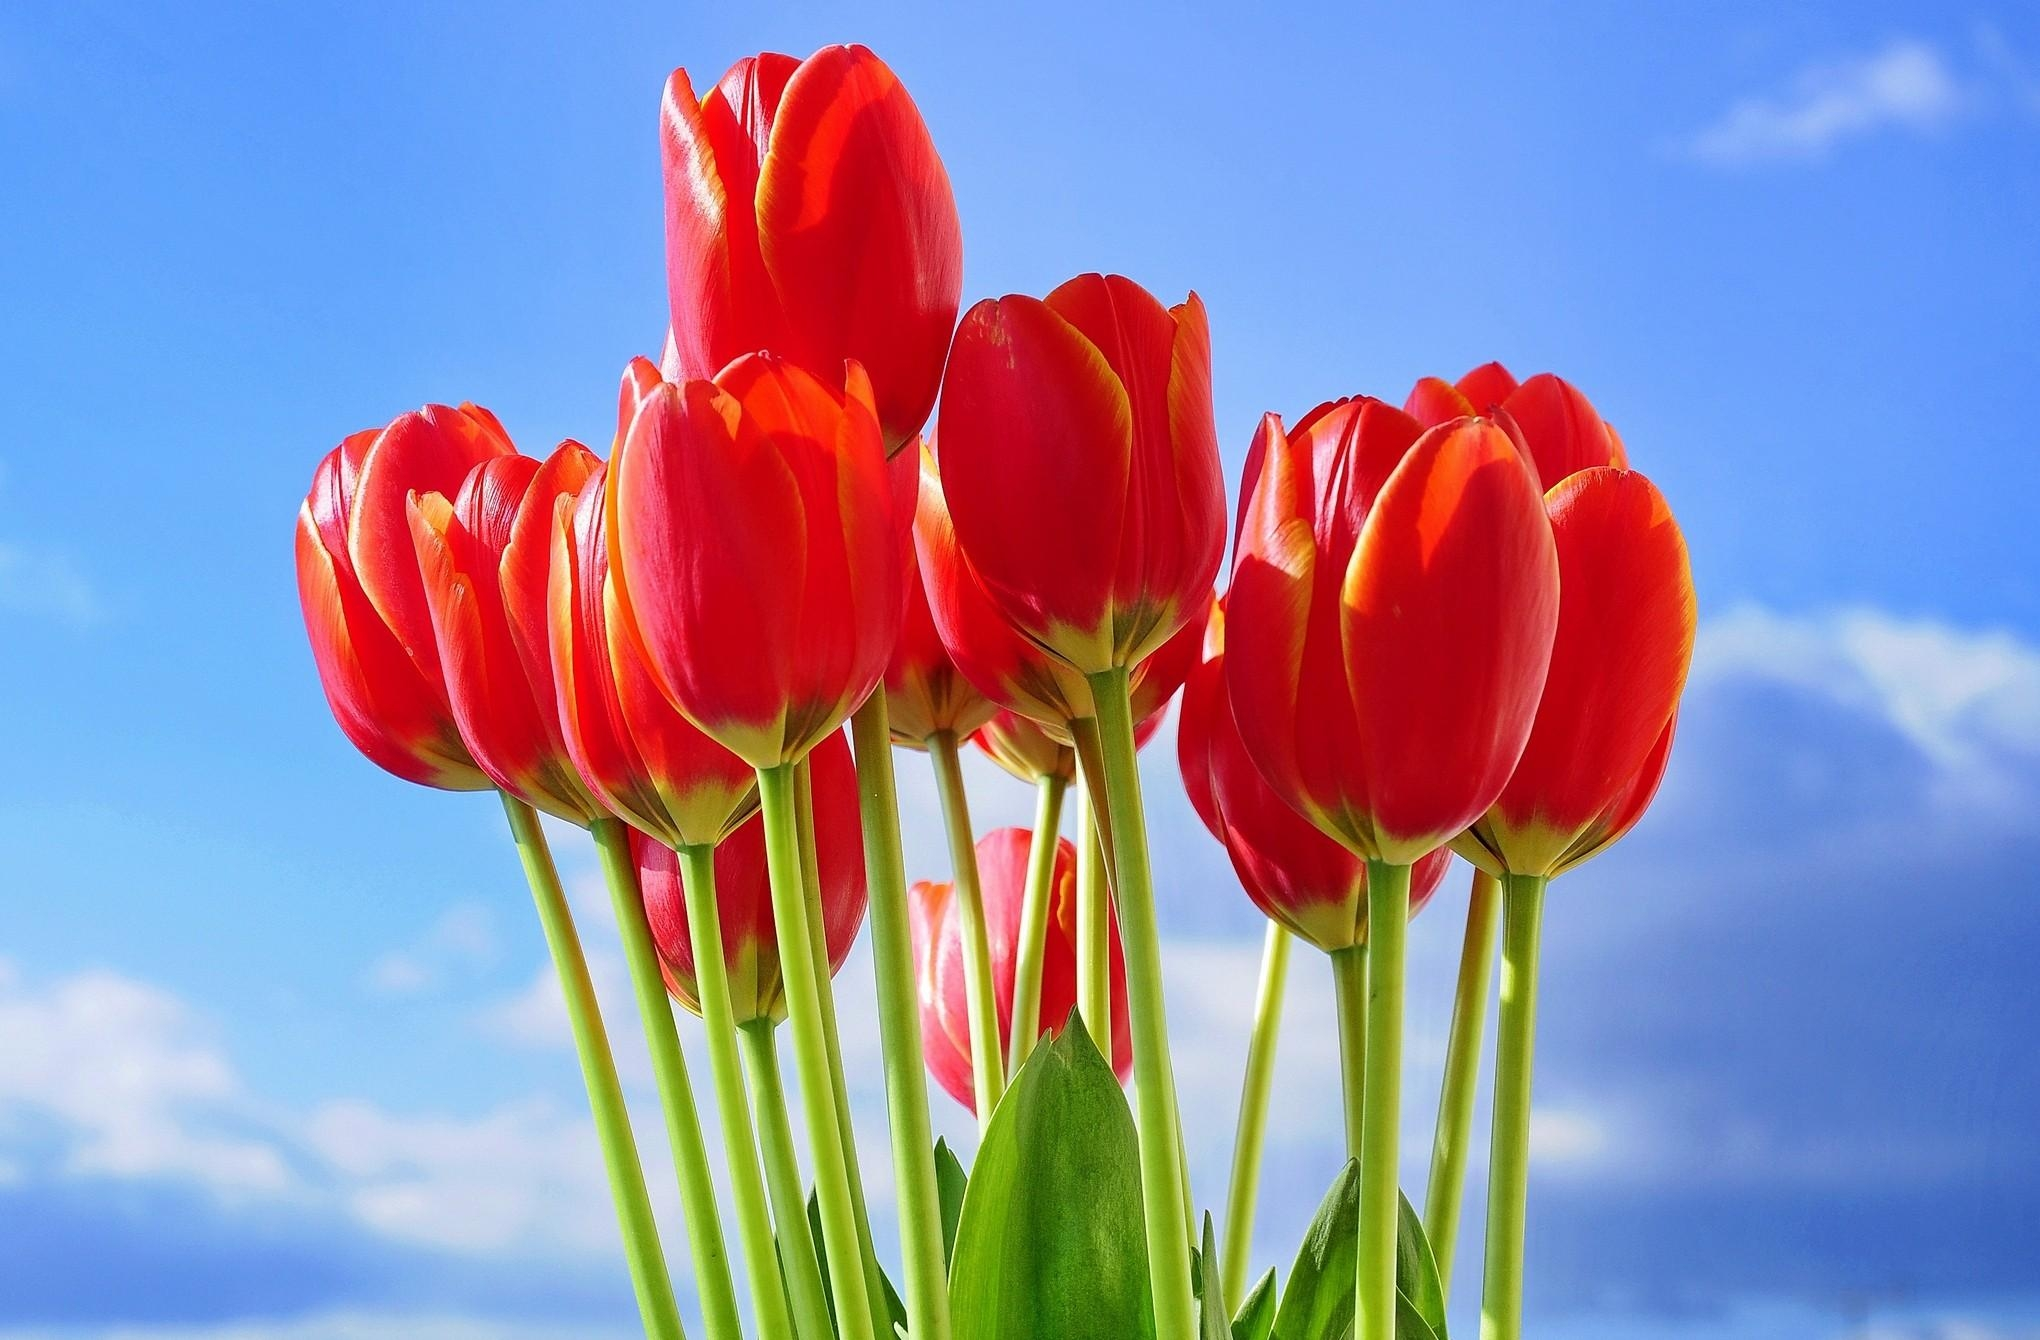 113781 скачать обои Тюльпаны, Букет, Цветы, Небо, Весна - заставки и картинки бесплатно